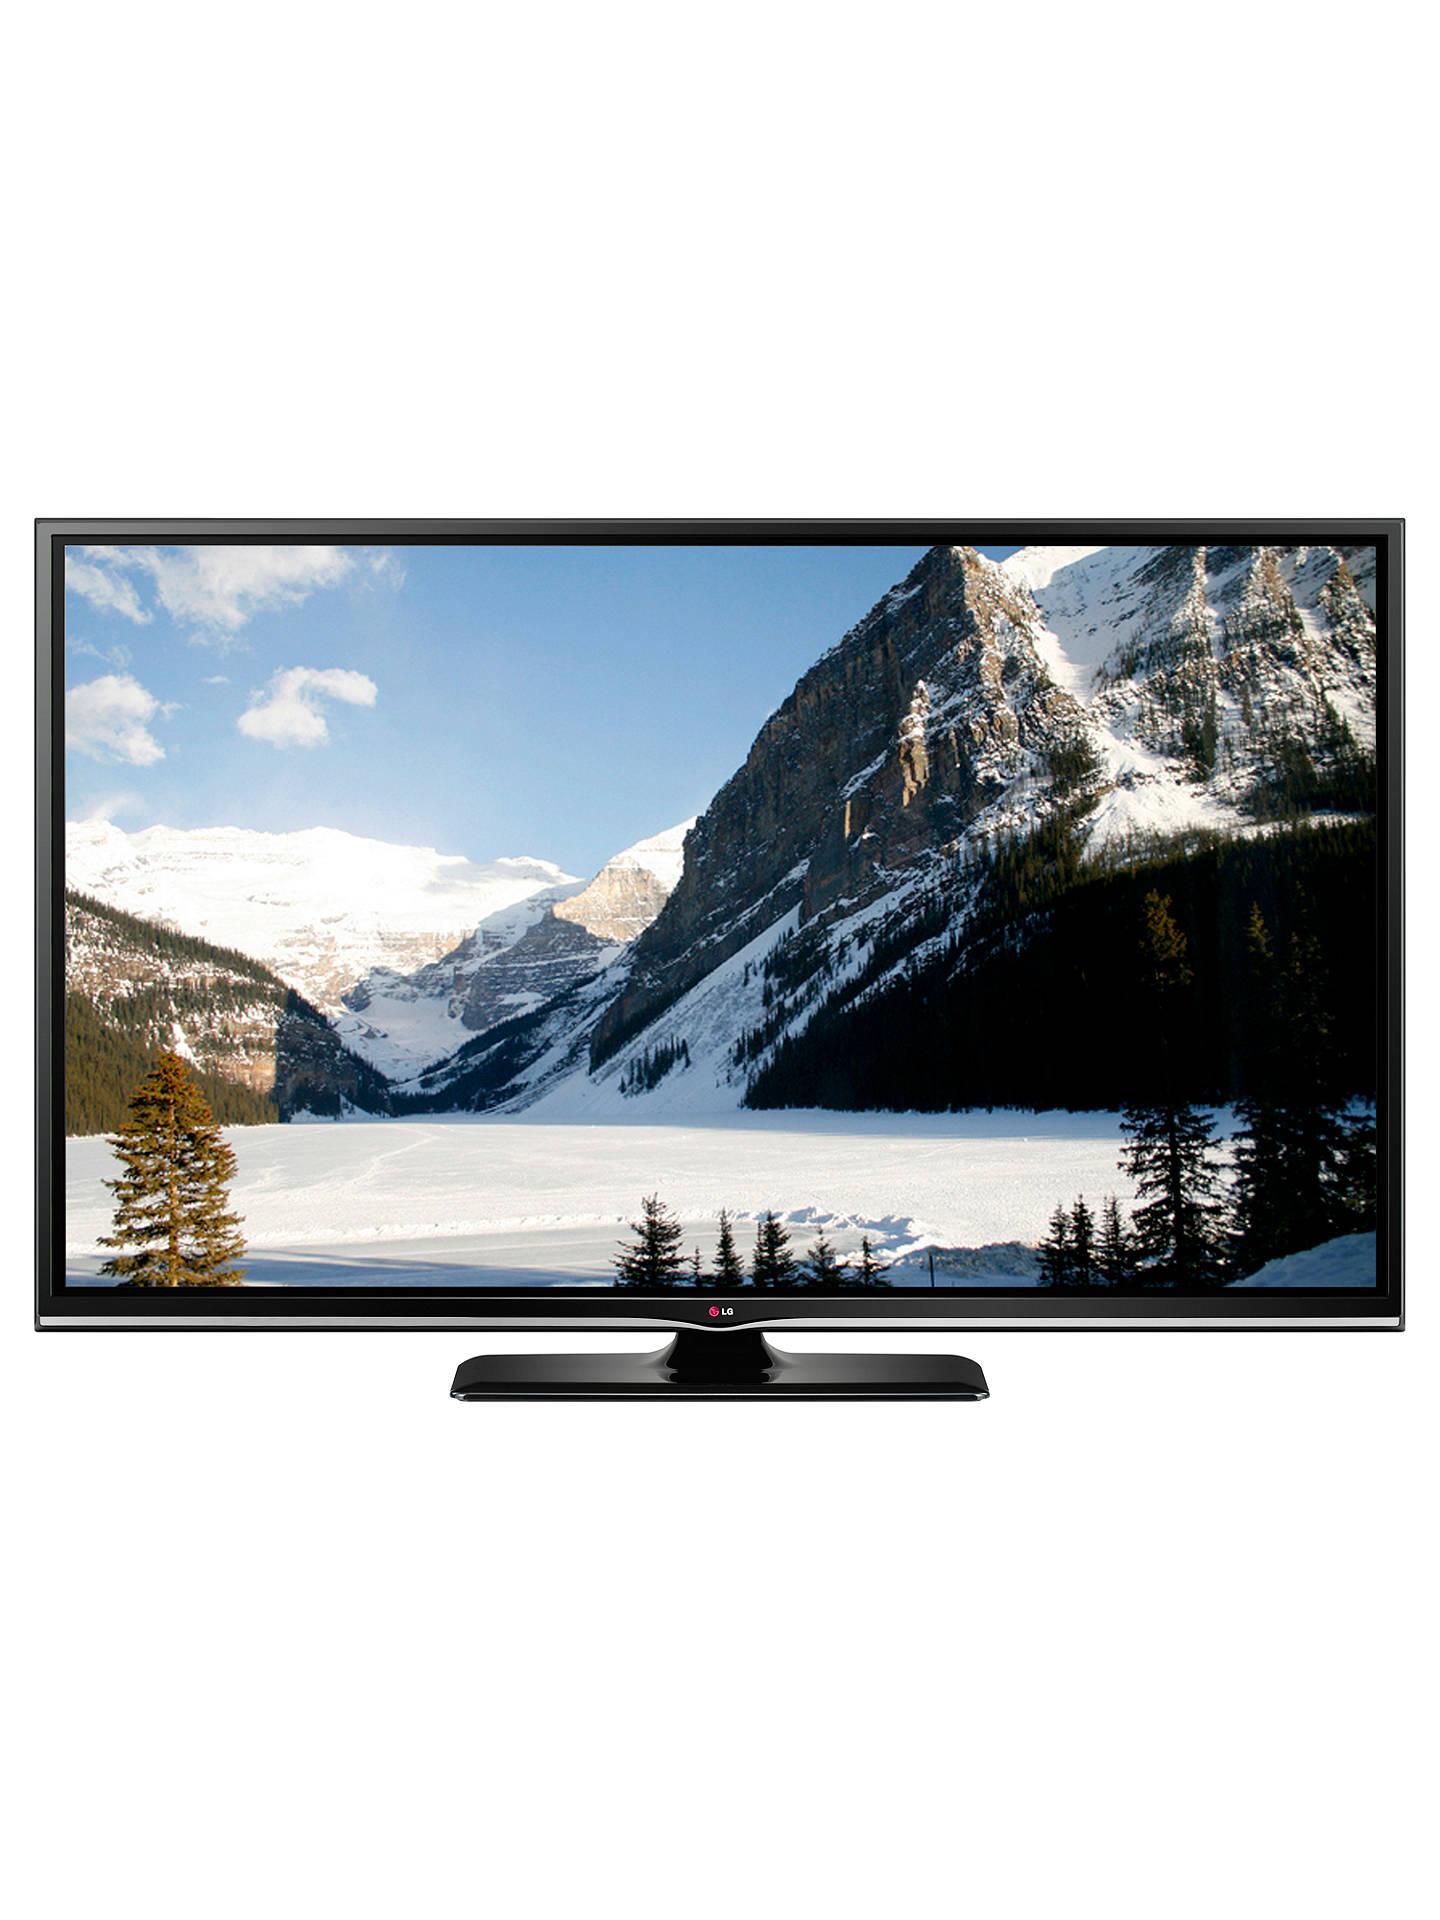 bb706383523c Buy LG 50PB660V Plasma HD 1080p Smart TV